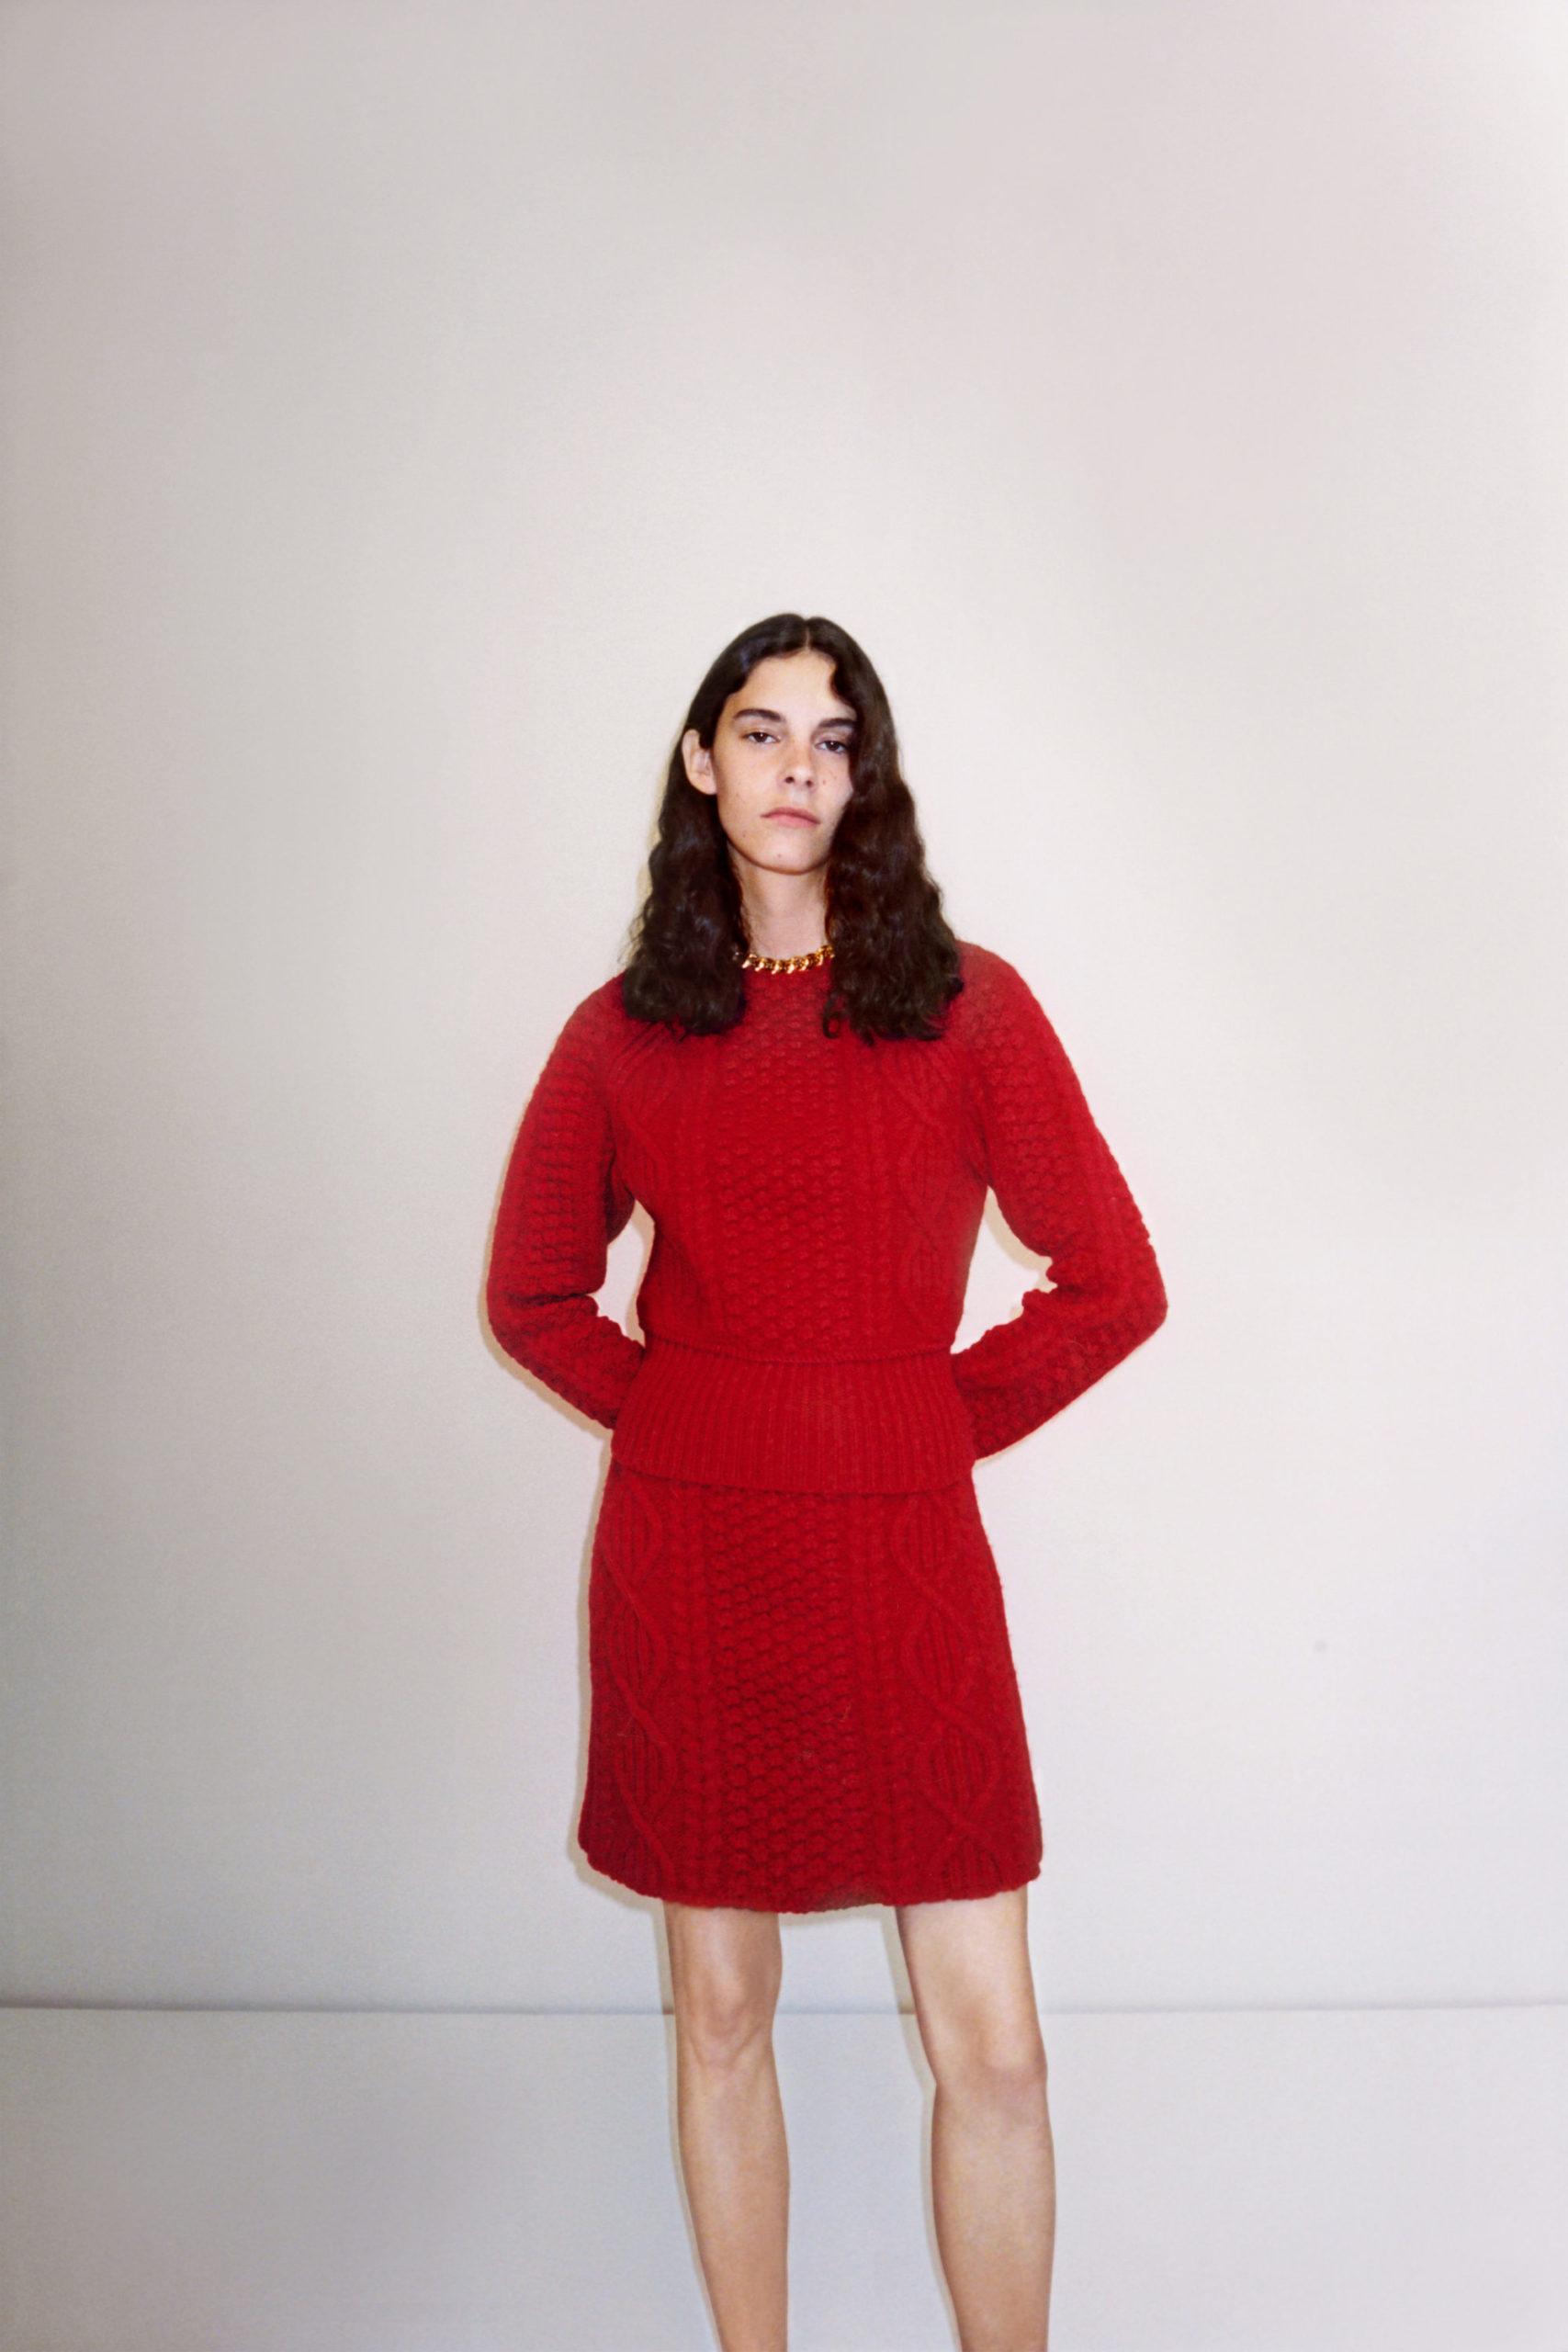 Платье-свитер от Bottega Veneta модель 2021 года